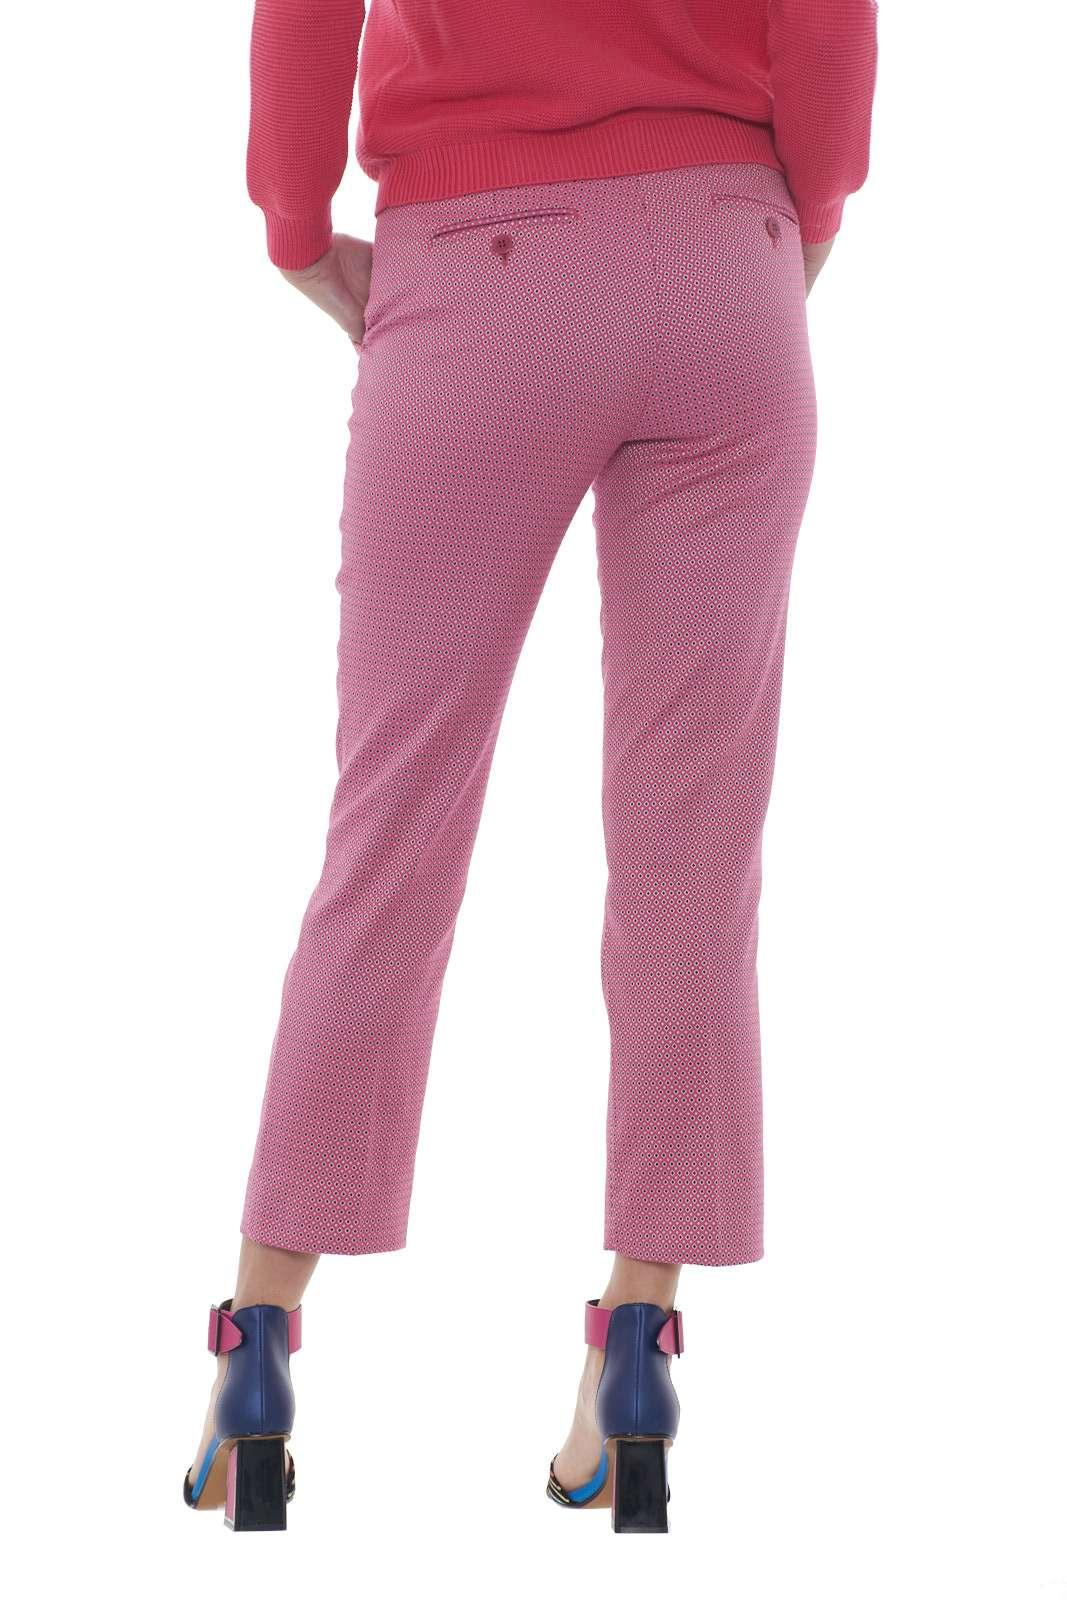 https://www.parmax.com/media/catalog/product/a/i/PE-outlet_parmax-pantaloni-donna-MaxMara-51310207-C.jpg